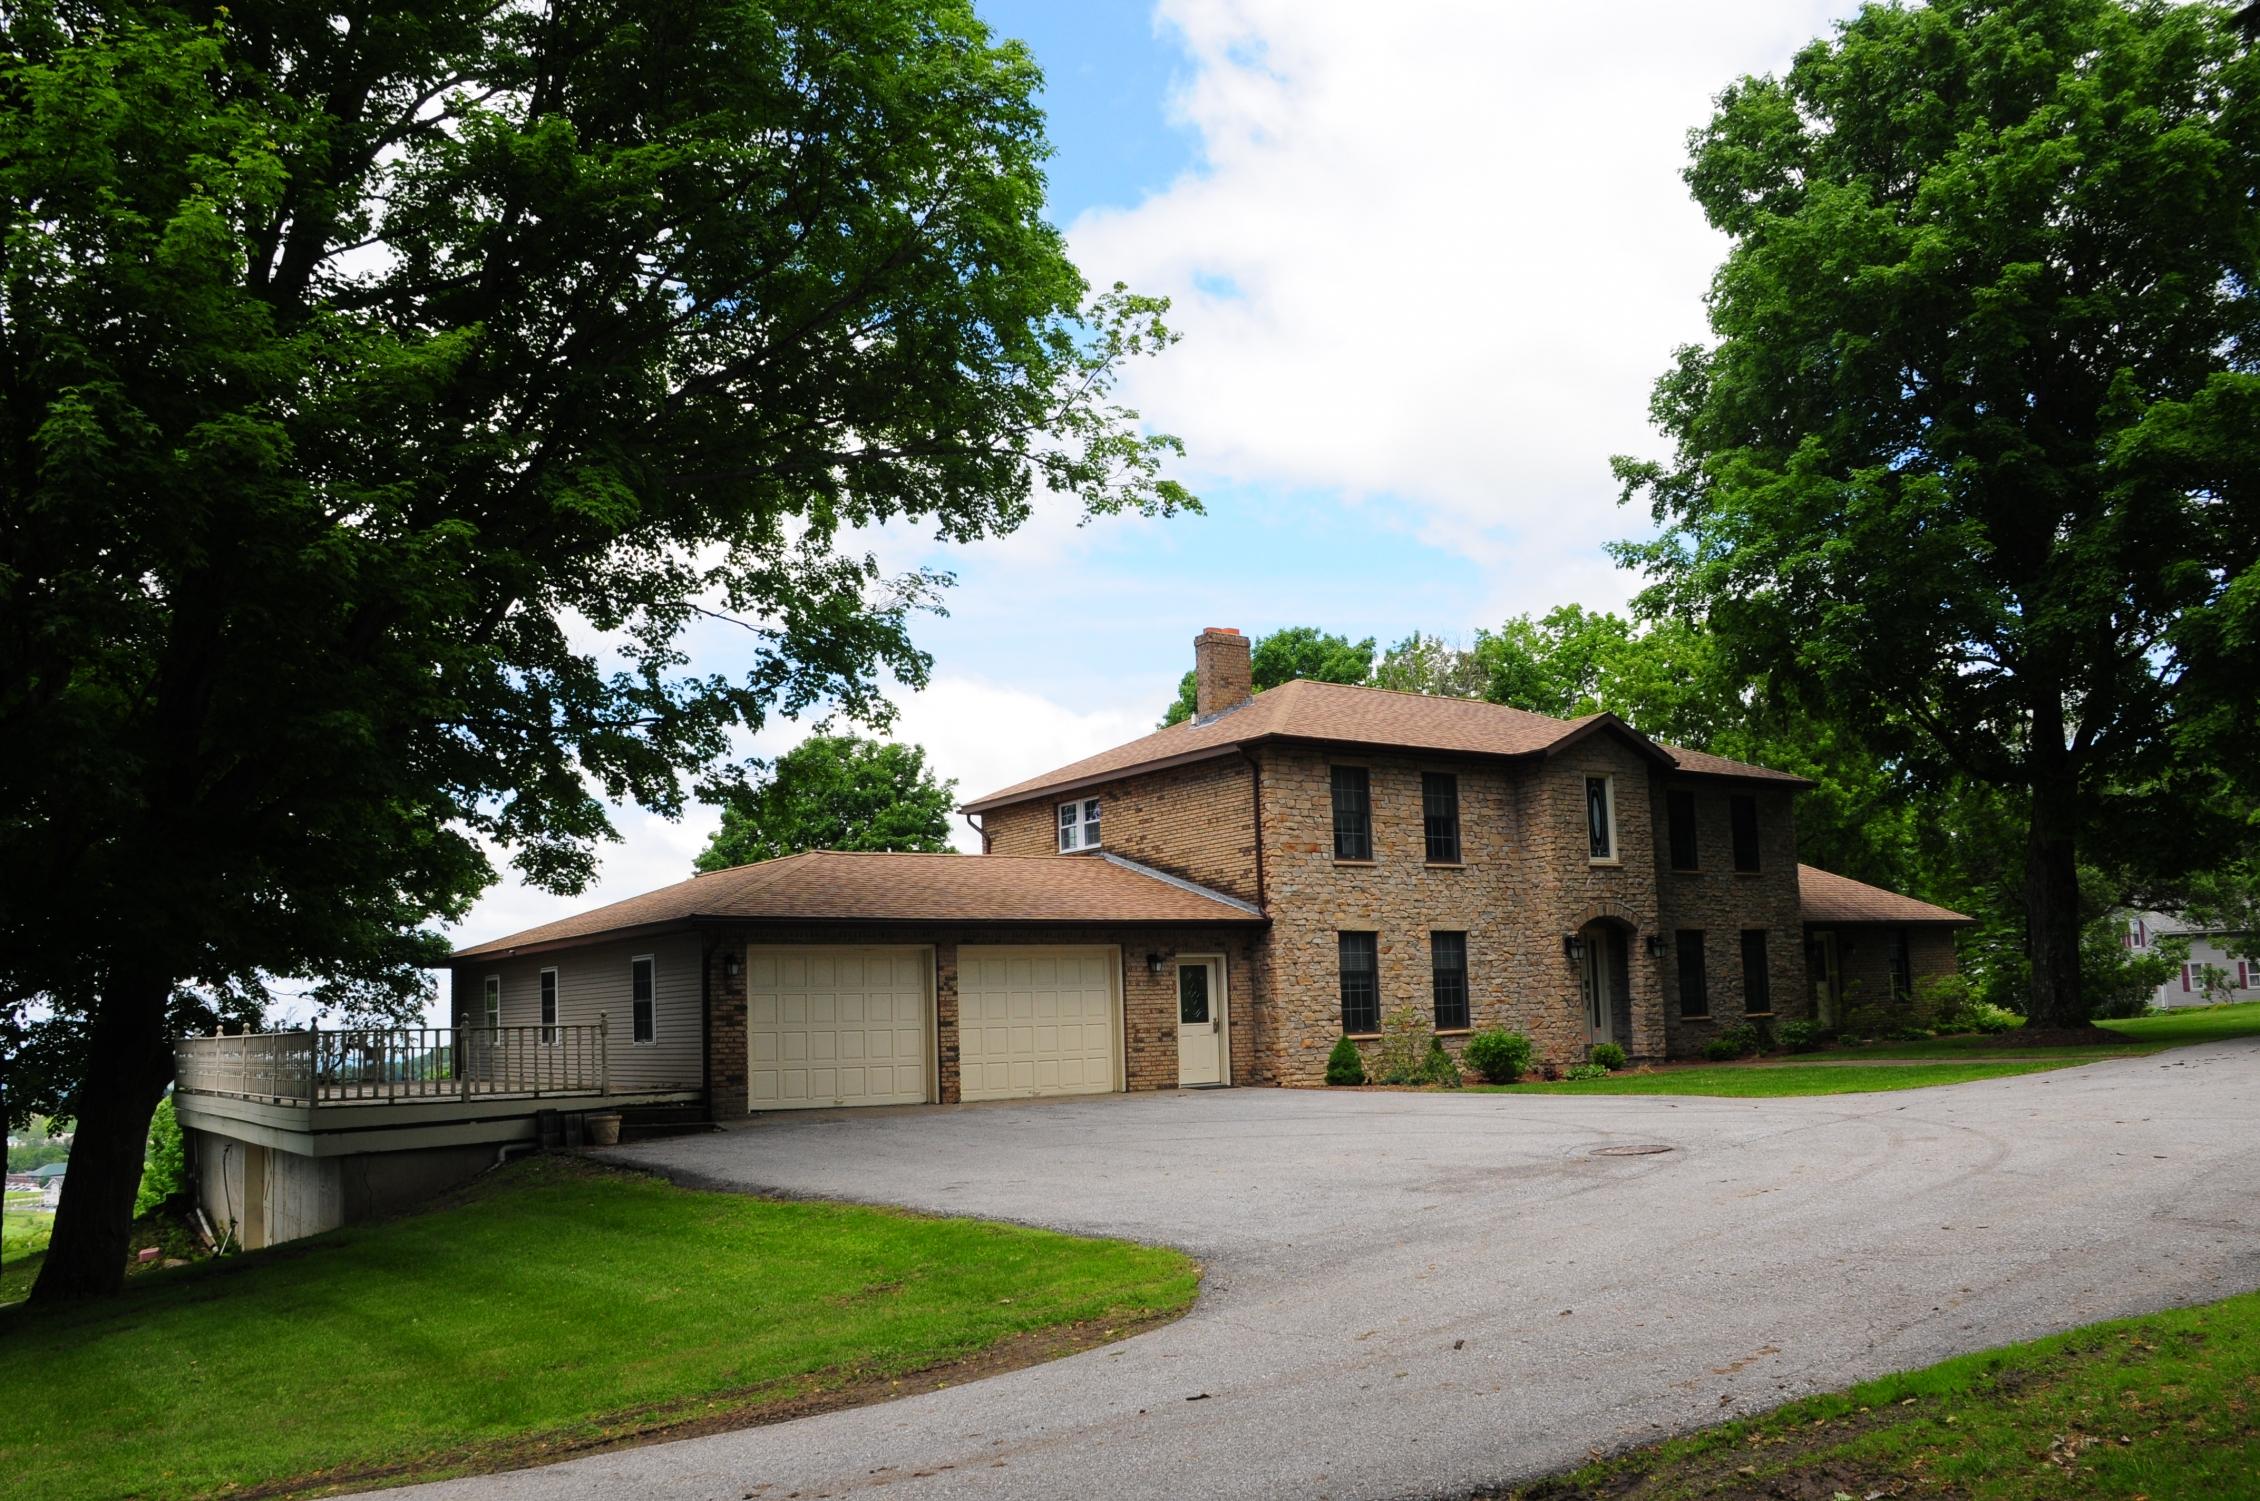 獨棟家庭住宅 為 出售 在 126 Fairfield Hill Road, St. Albans Town 126 Fairfield Hill Rd St. Albans, 佛蒙特州 05478 美國